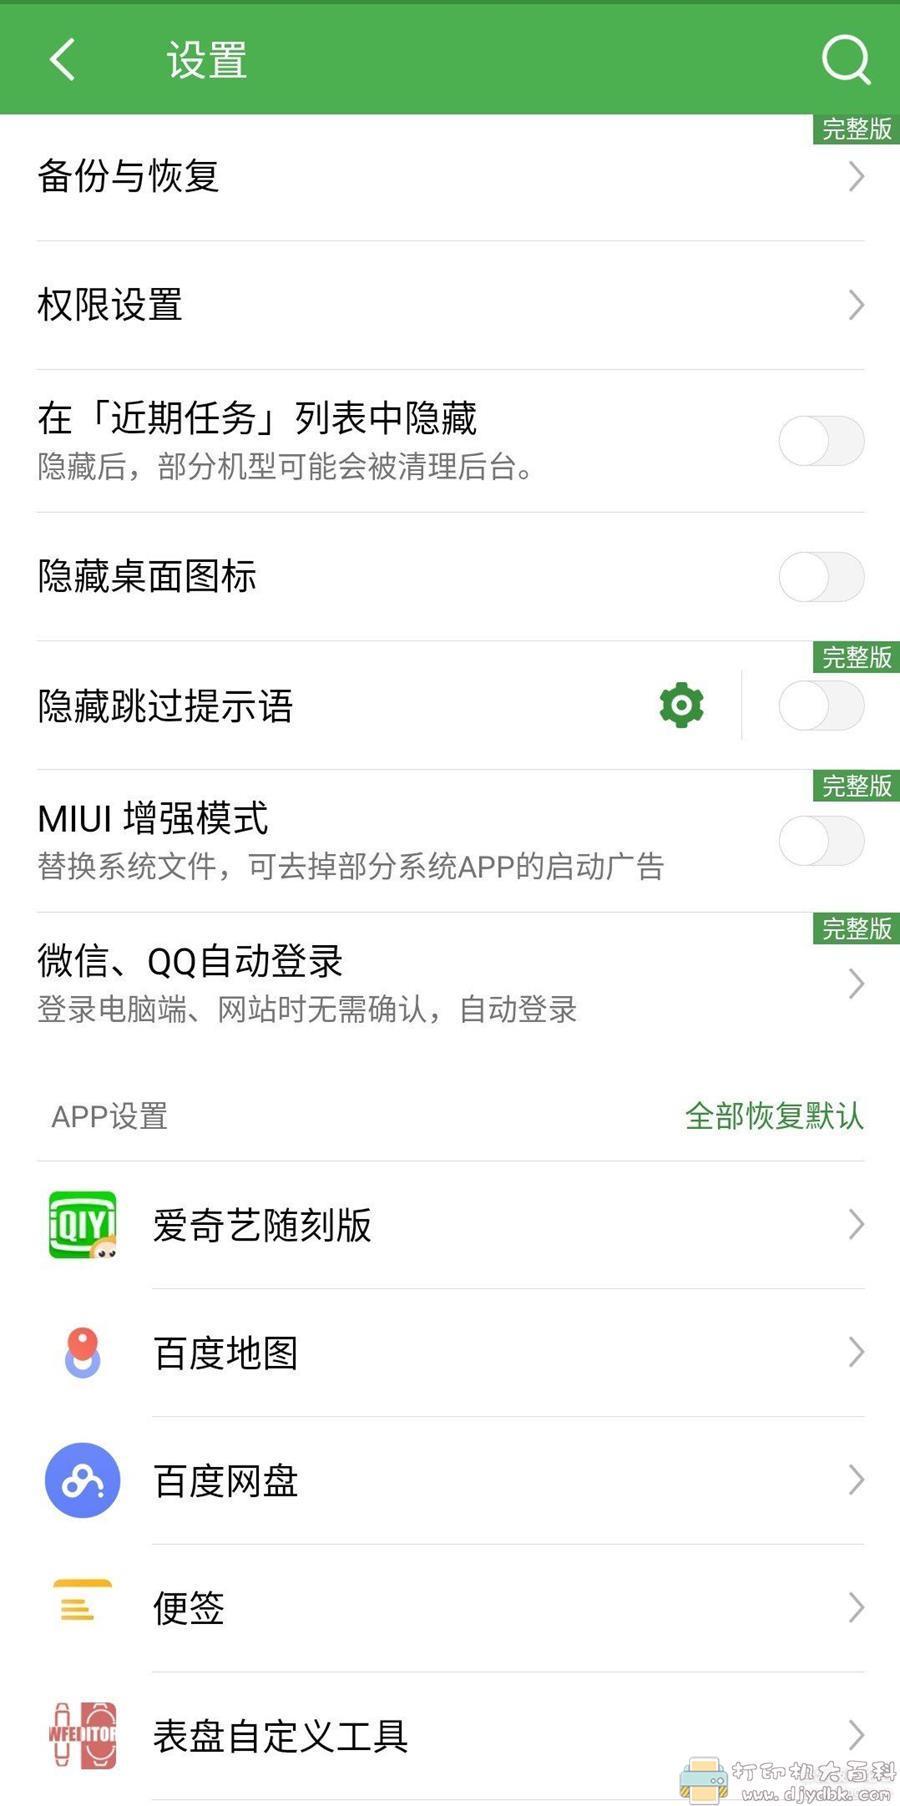 [Android]【轻启动】自动跳过应用启动广告图片 No.2